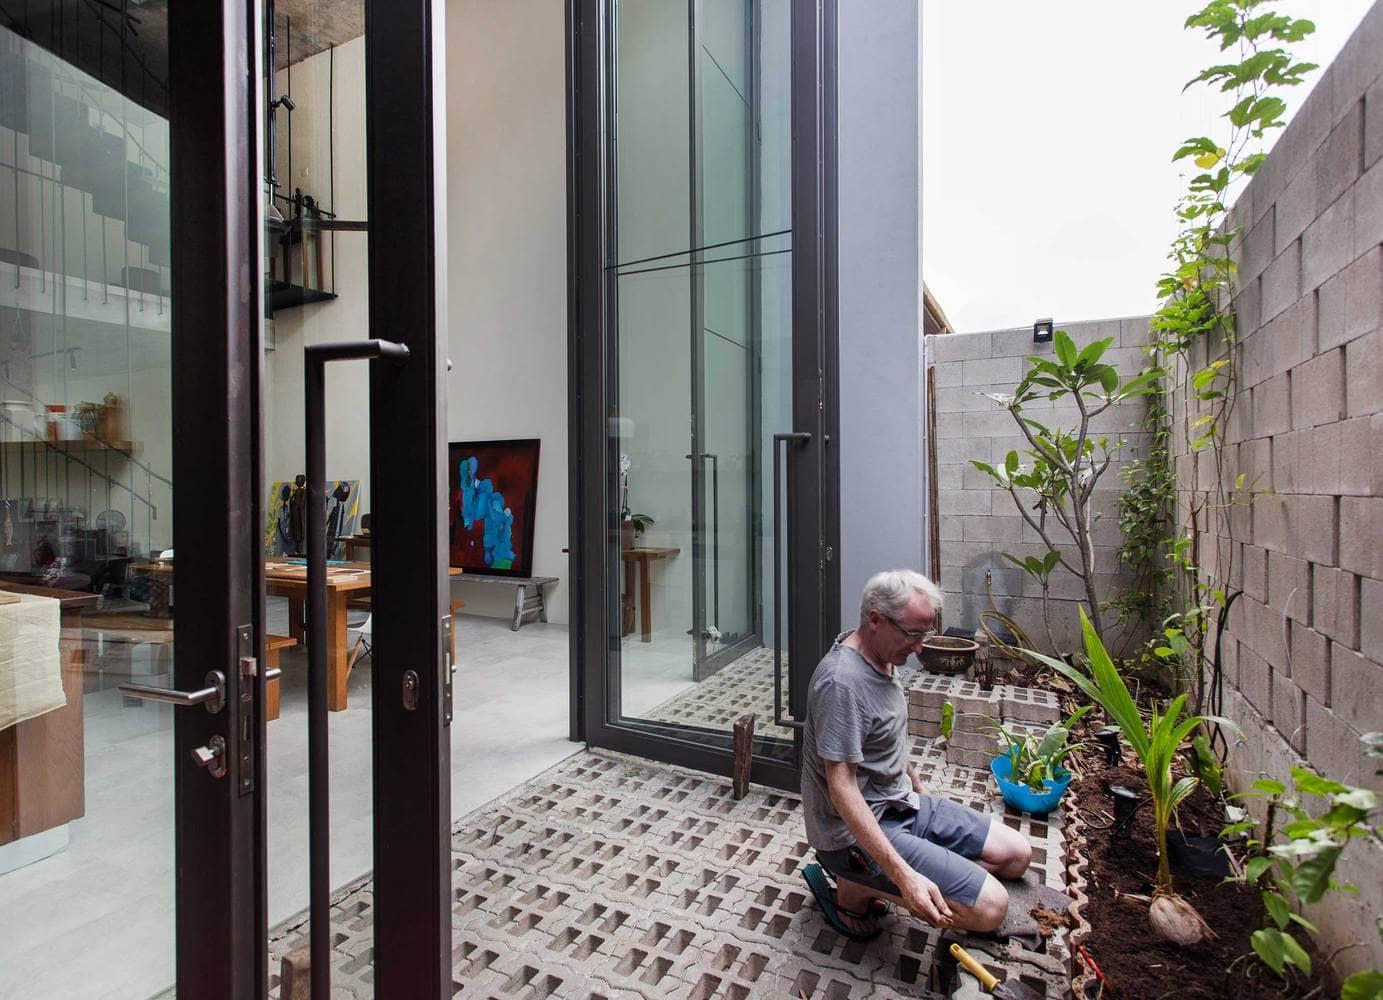 Rumah 'Planter Box' Di Reka Penuh Gaya Hidup Pemilik 18